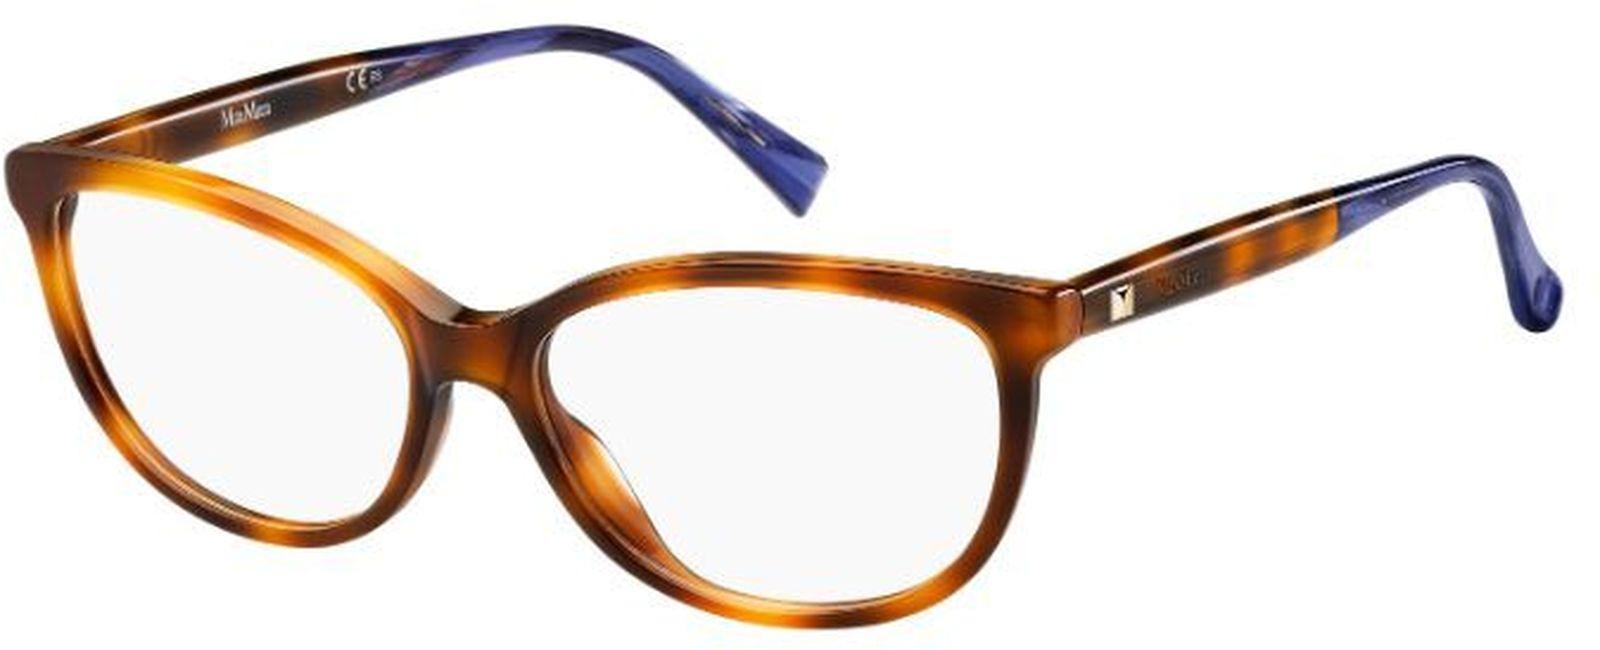 Оправа для очков женская Maxmara 1266, MAX-14762105L5415, коричневый оправа max